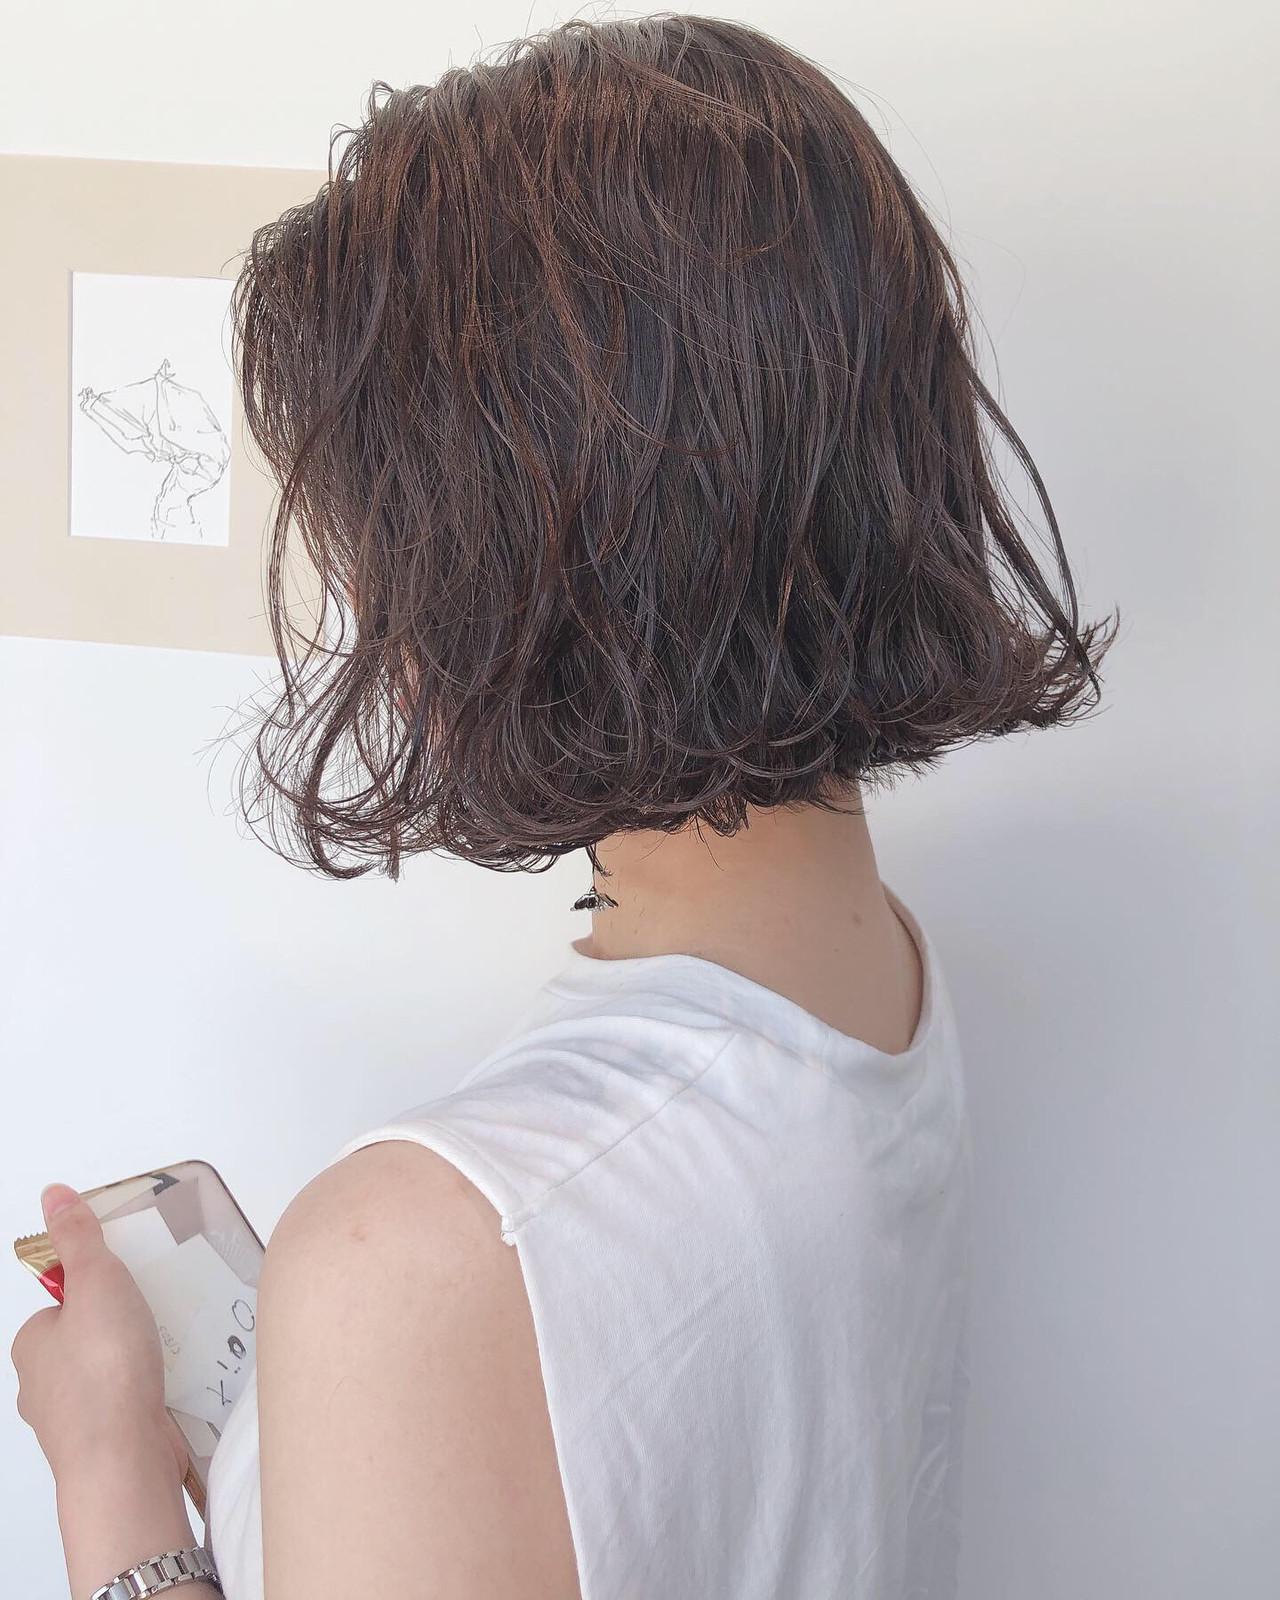 ヘアアレンジ 簡単ヘアアレンジ グレージュ ミルクティーベージュ ヘアスタイルや髪型の写真・画像